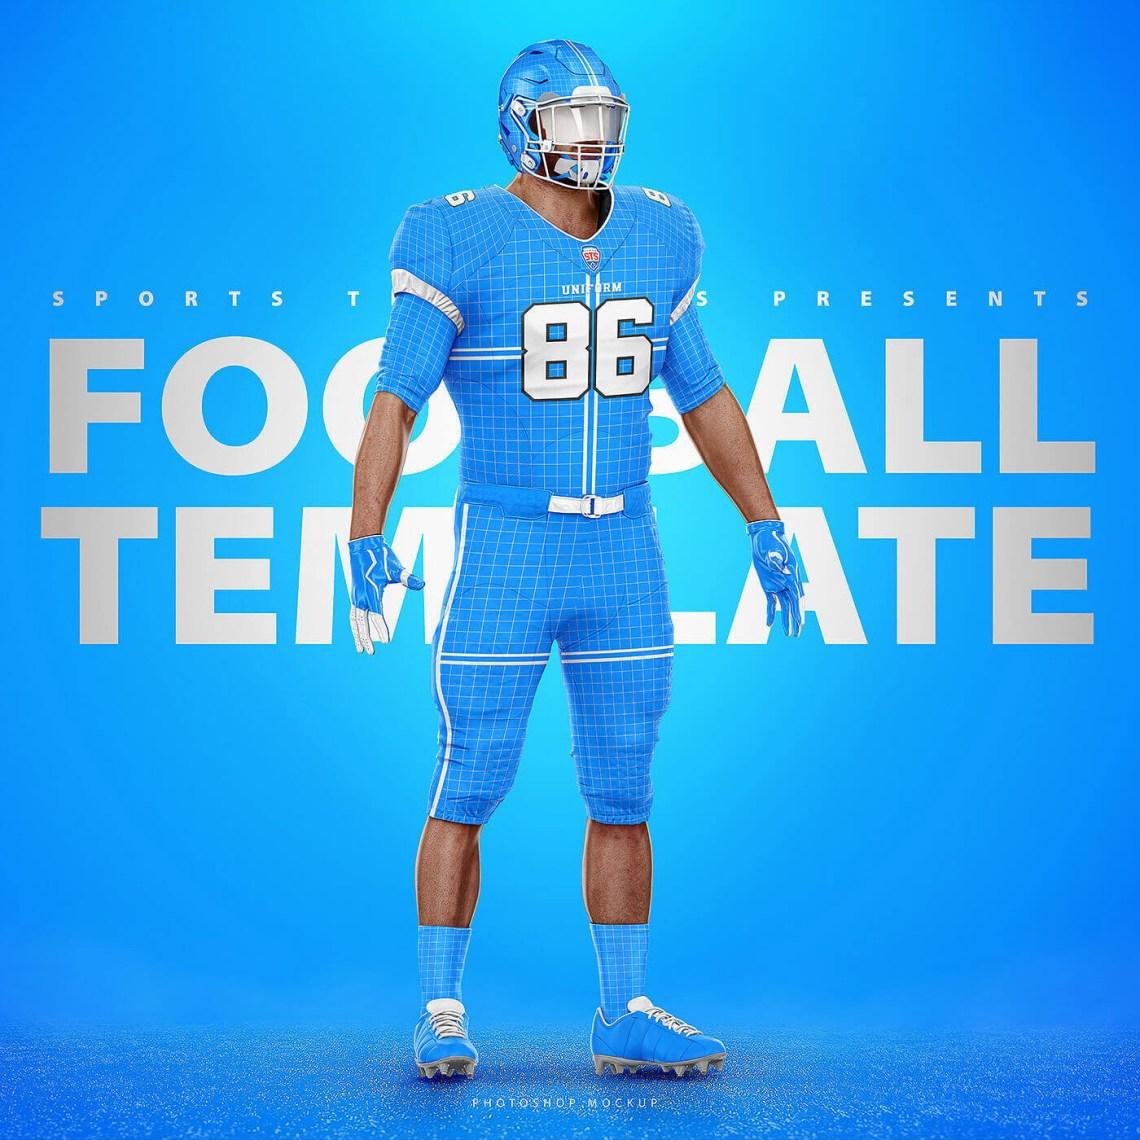 Download NFL FOOTBALL UNIFORM TEMPLATE MOCKUP V2.0 on Behance